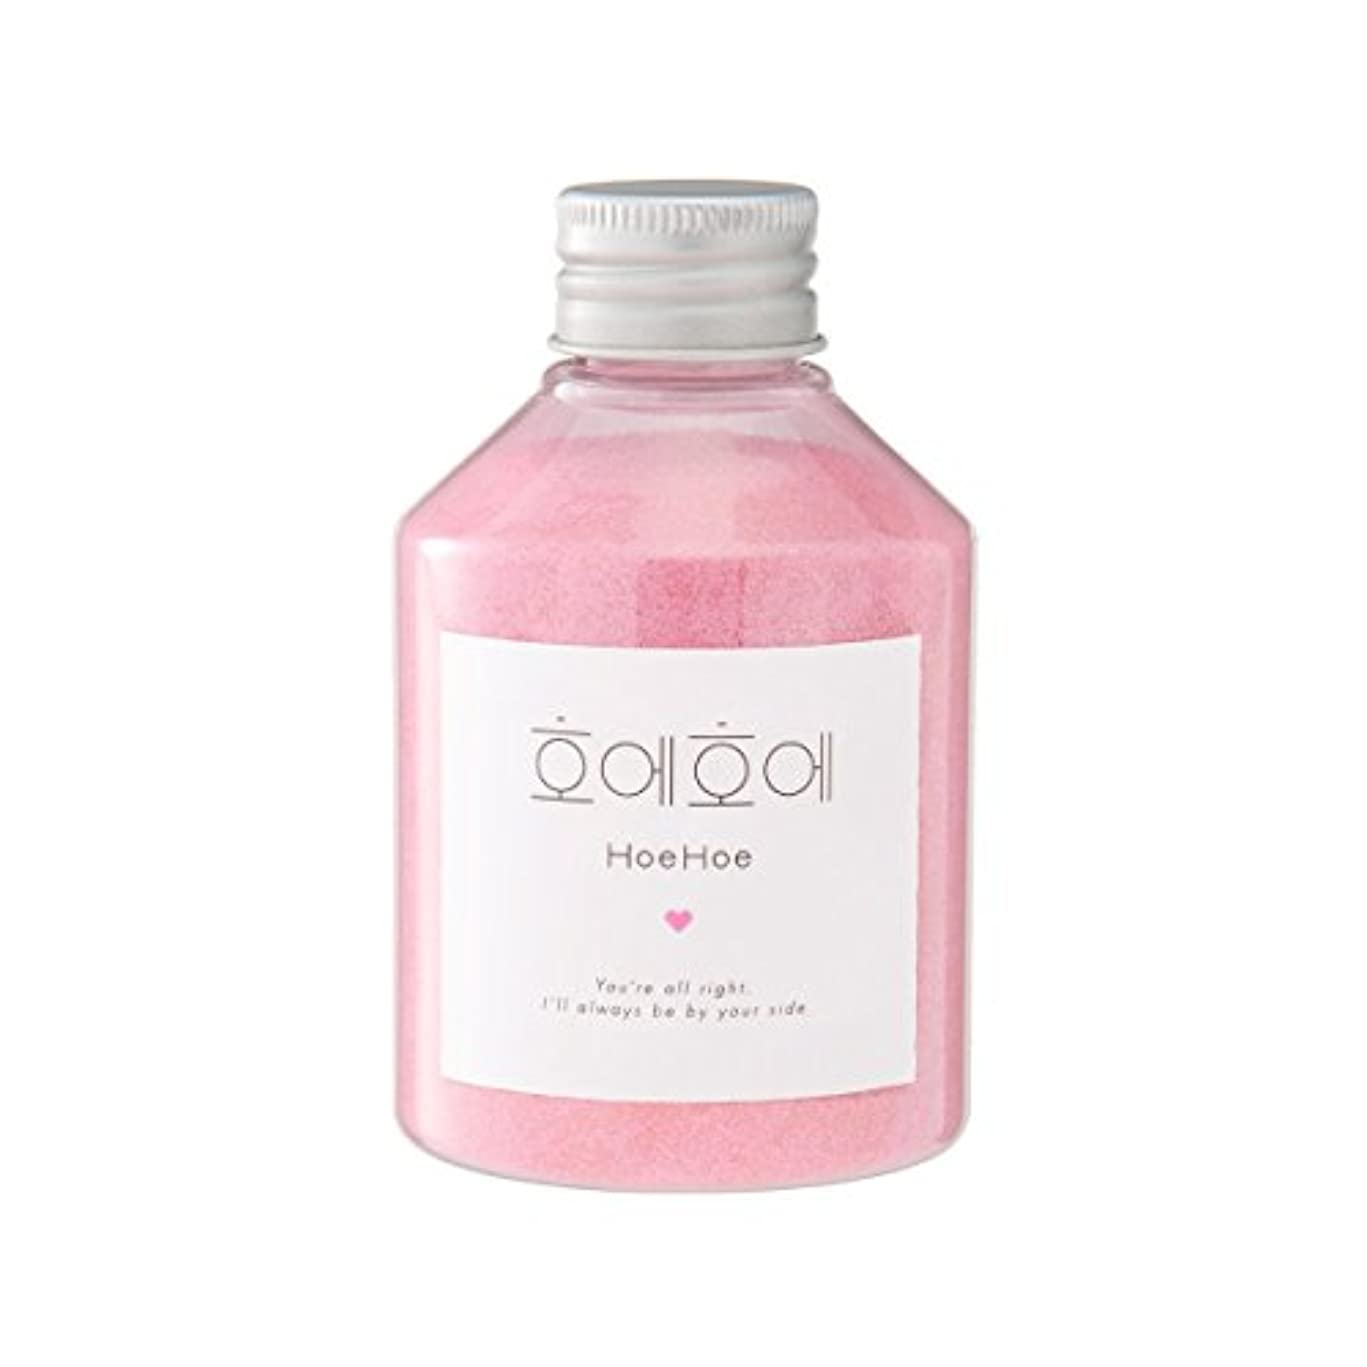 ドリンクスケルトン分類HoeHoe Bath Powder ローズの香り ホエホエ バスパウダー